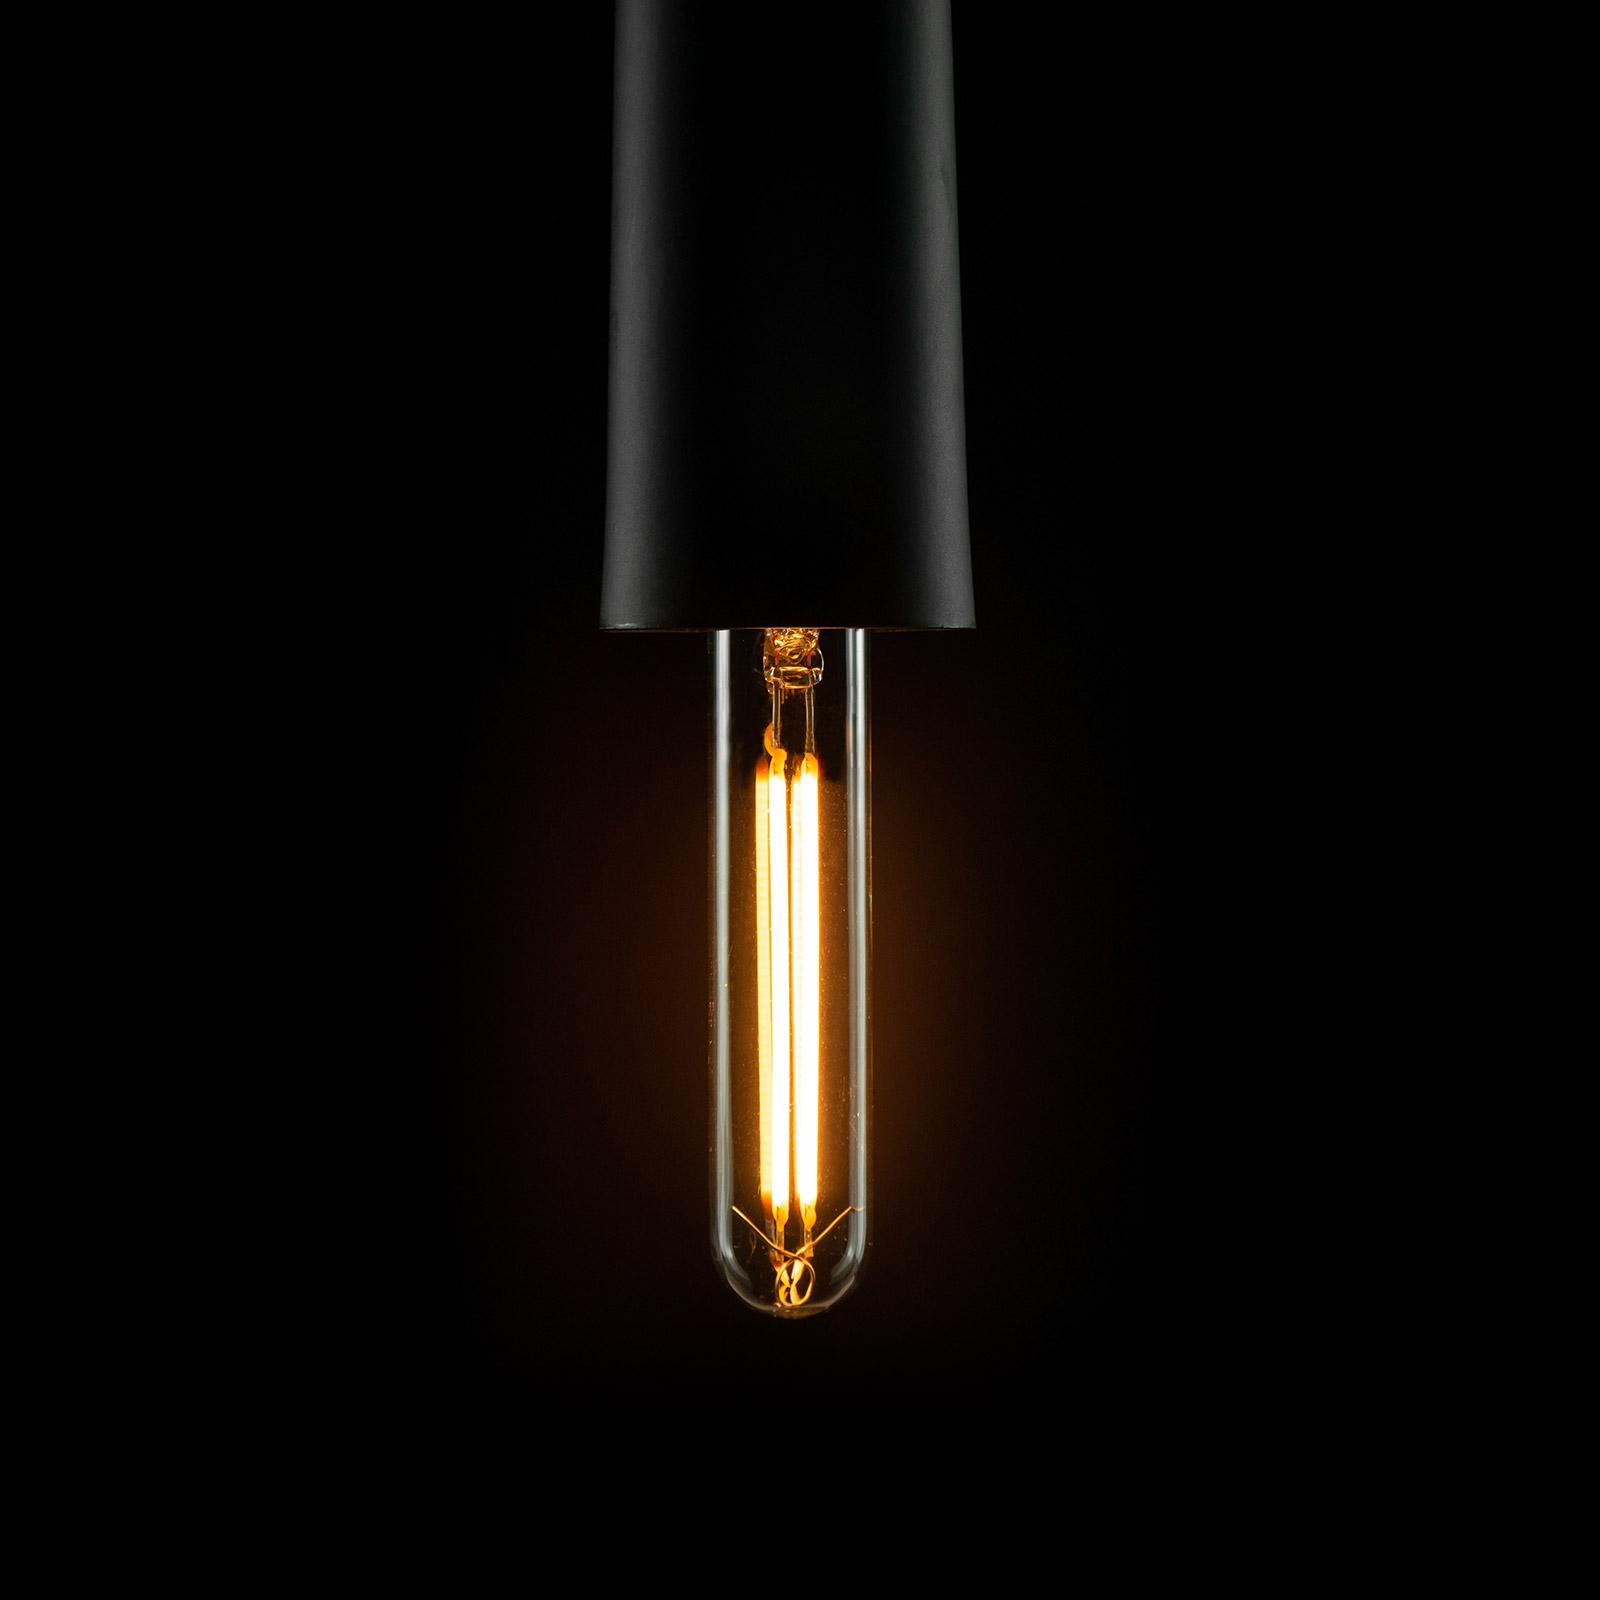 E14 2,7W 922 LED-Röhrenlampe in Kohlefadenoptik